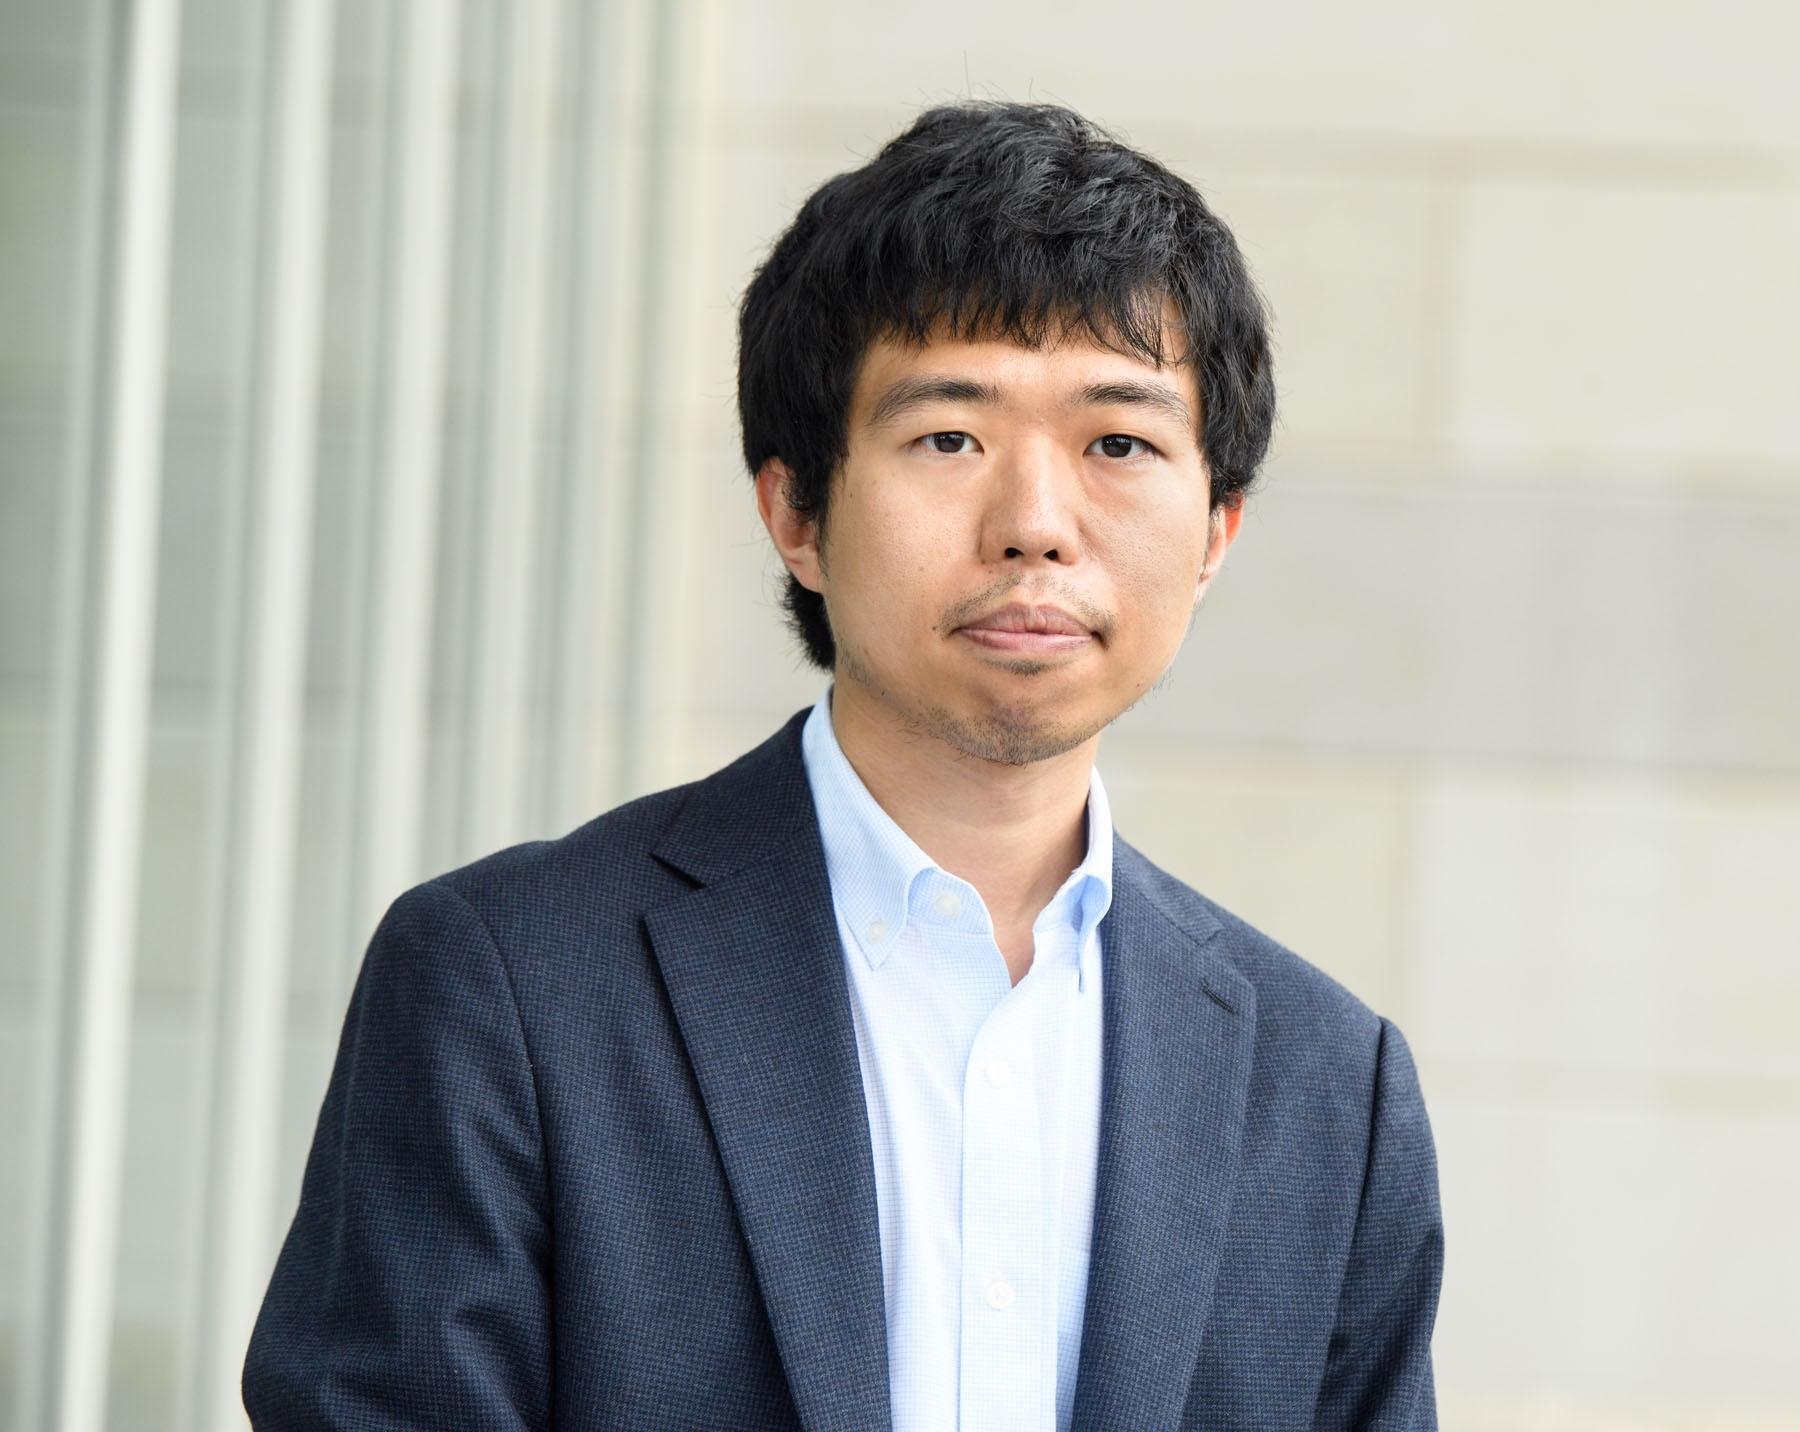 Ziqiao Chen